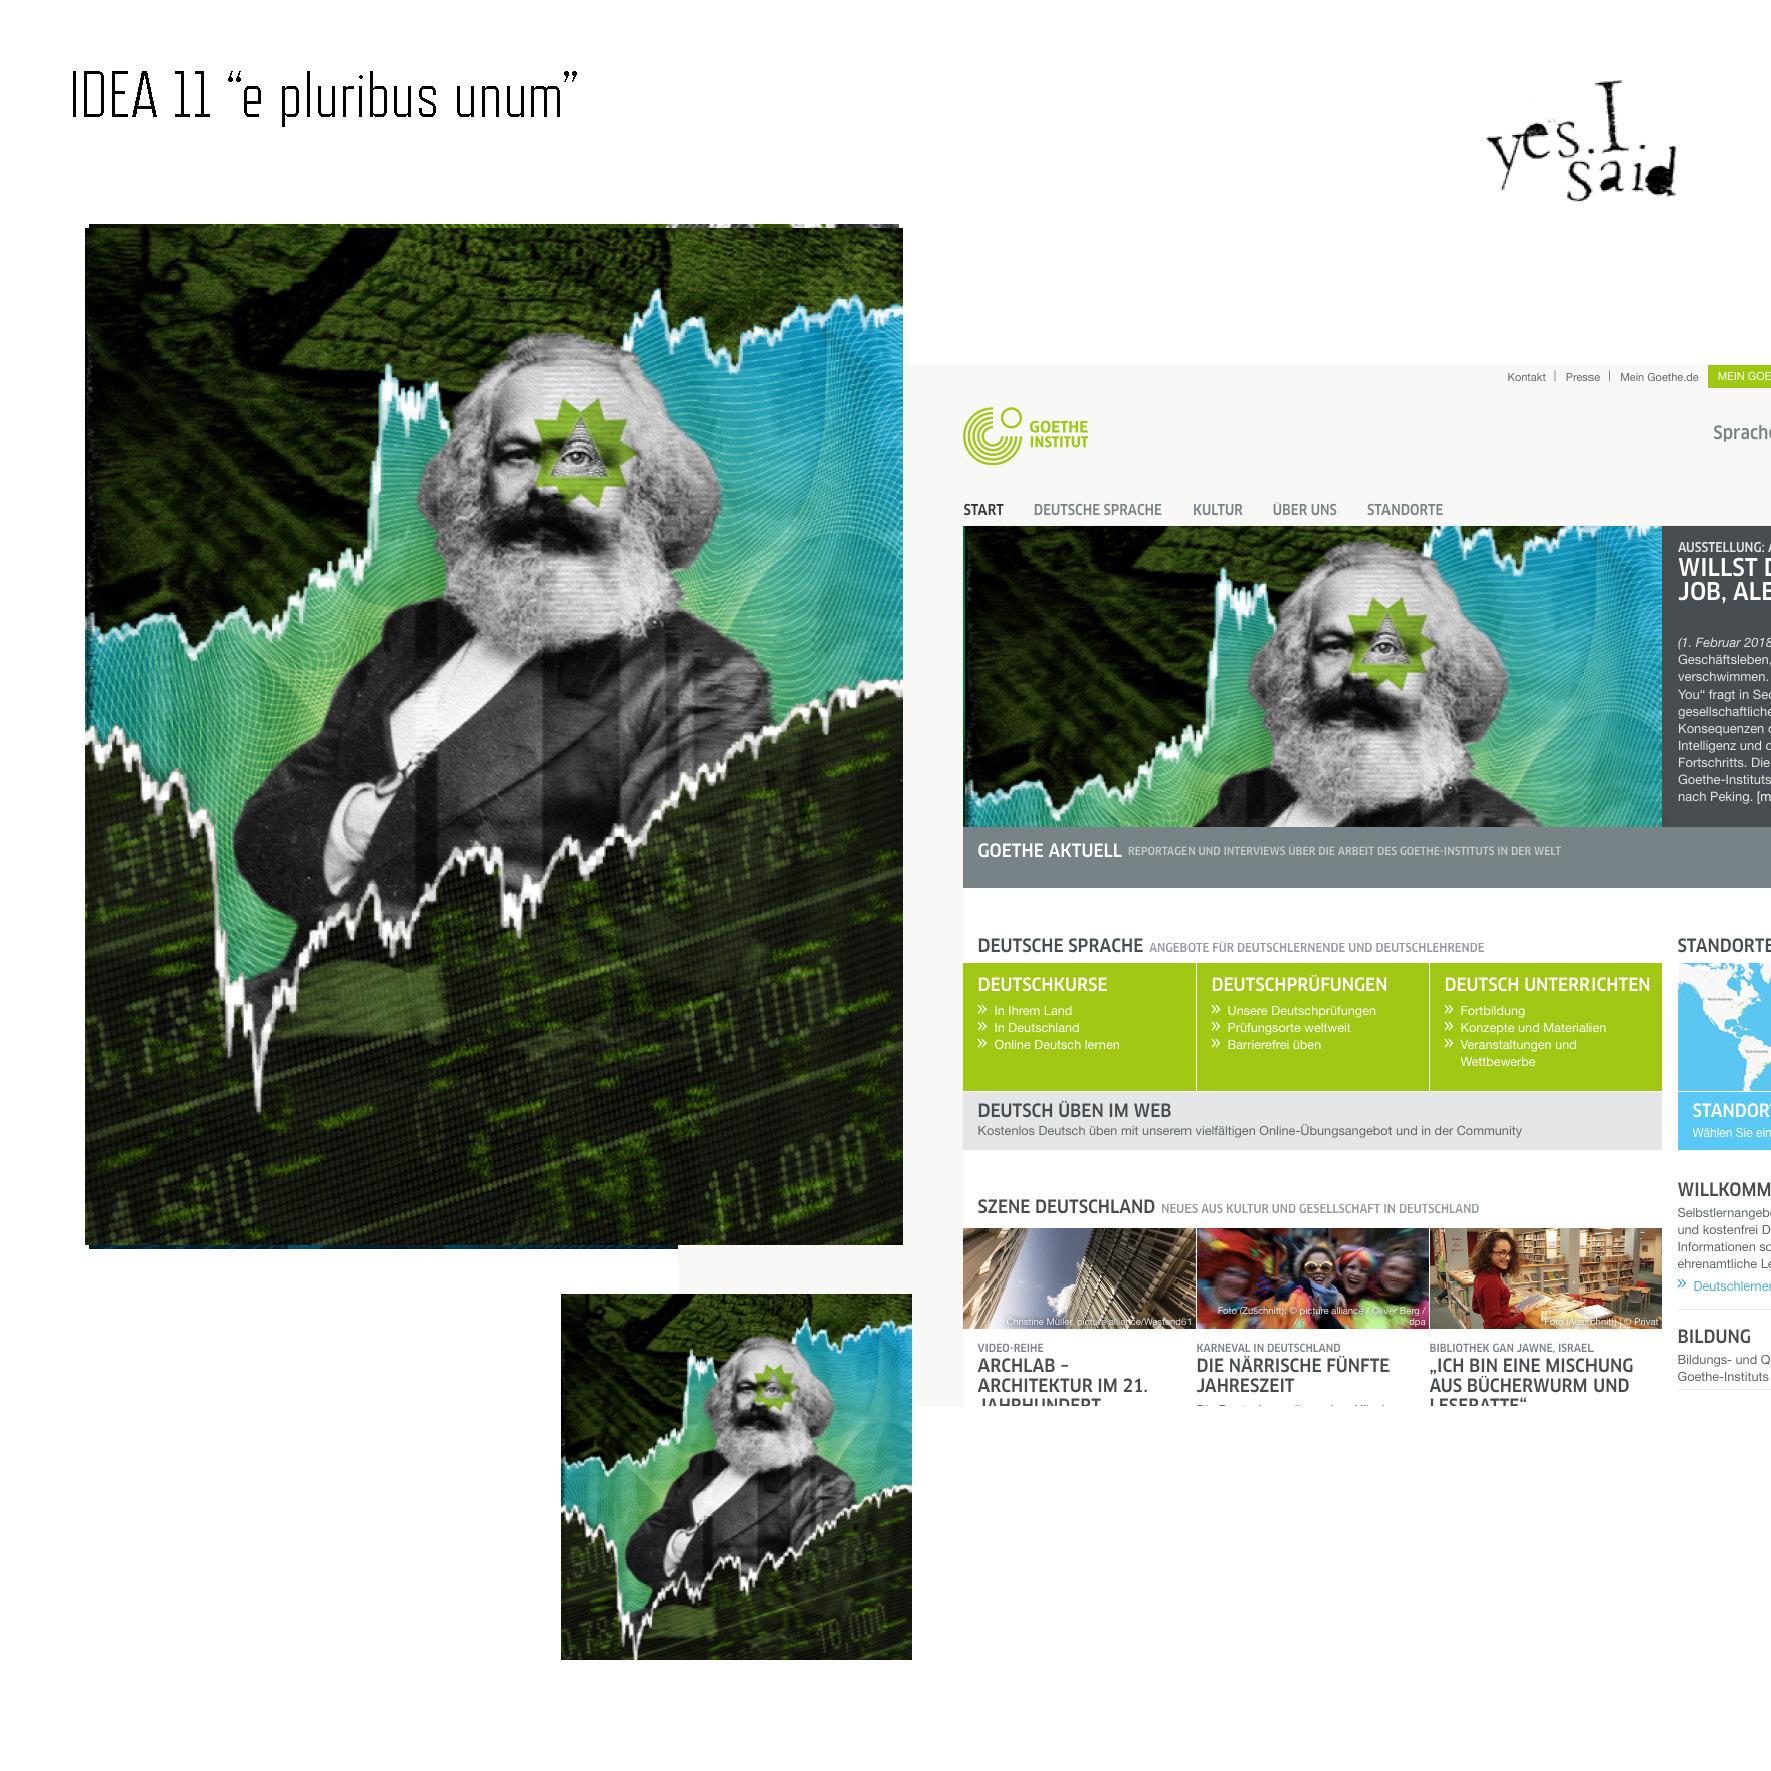 GI-MarxNow_imagemark-fourthround__Page_2.jpg